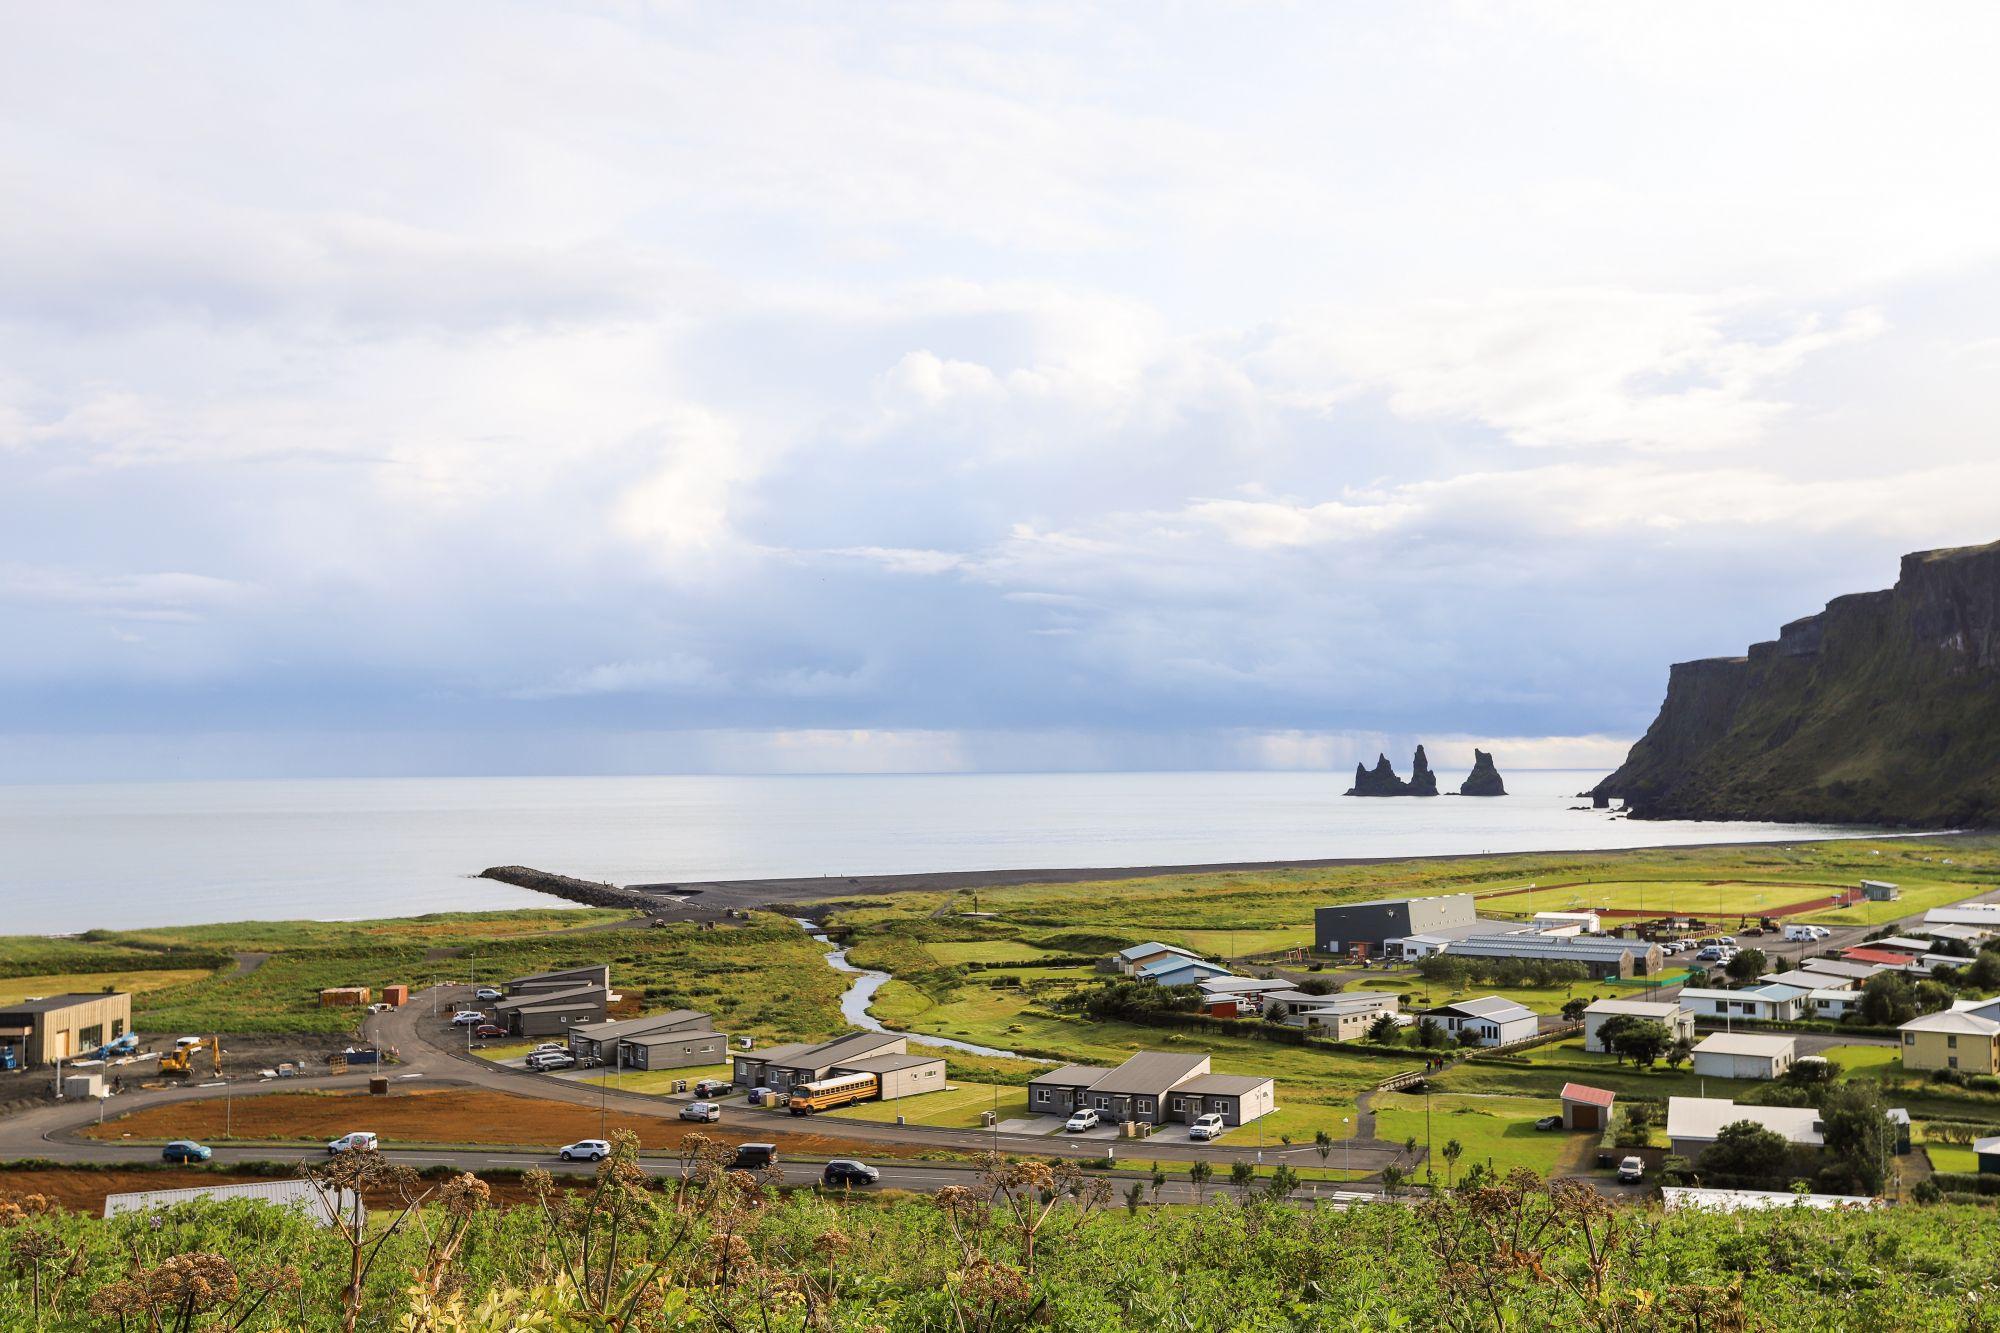 冰島成功的四天工作周試驗,將可能為全球縮短工作週天數鋪路。(Photo: Courtesy of Unsplash)